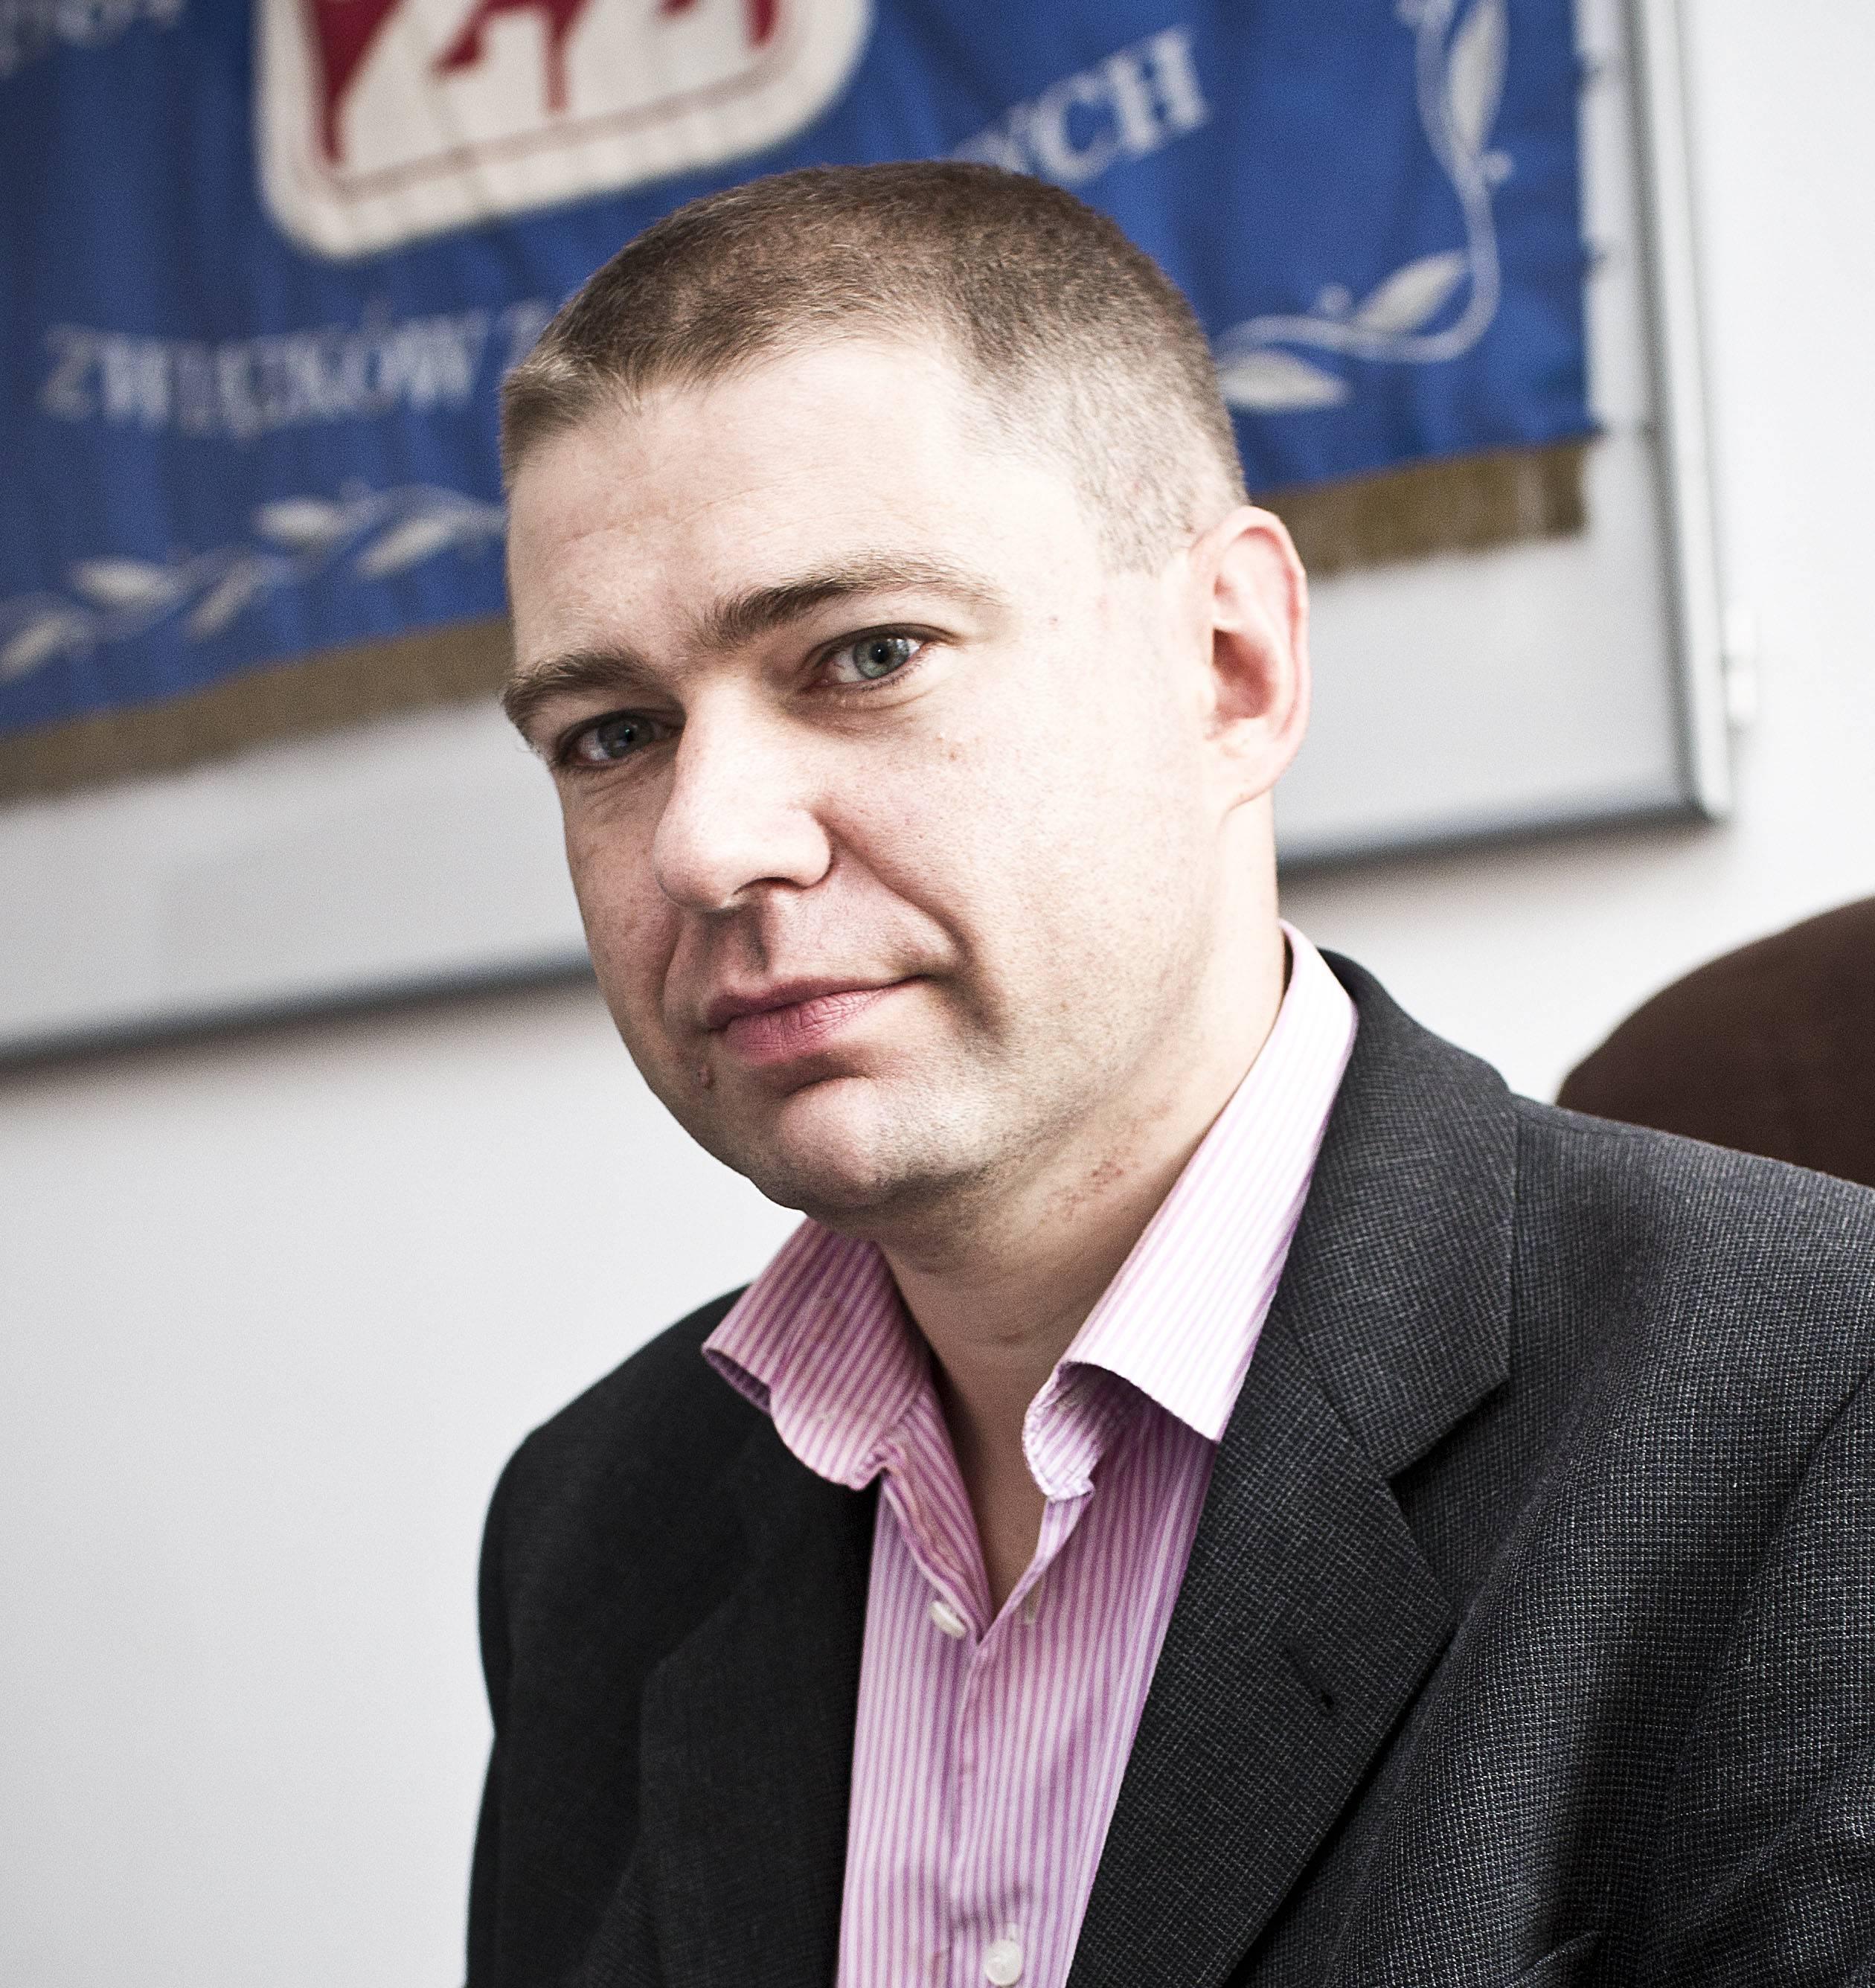 Piotrem Szumlewicz